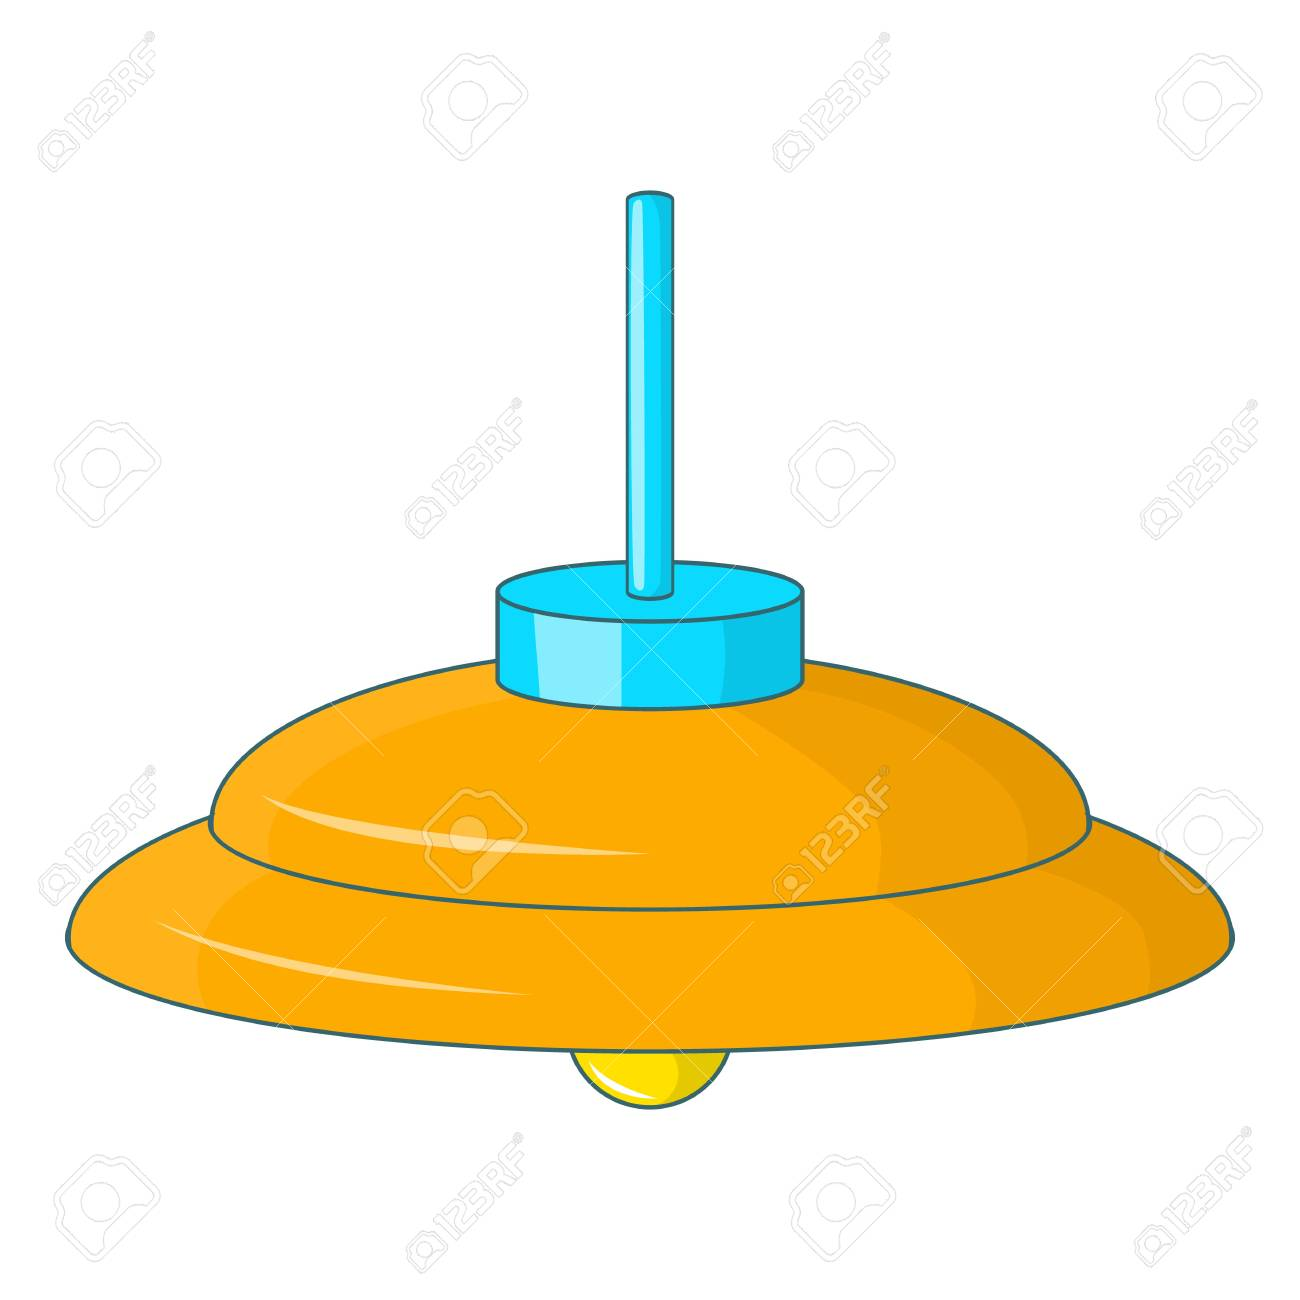 la diseño la de de de para animados el techoIlustración de del dibujos lámpara Amarilla vector web lámpara icono icono de PkiOuTZX